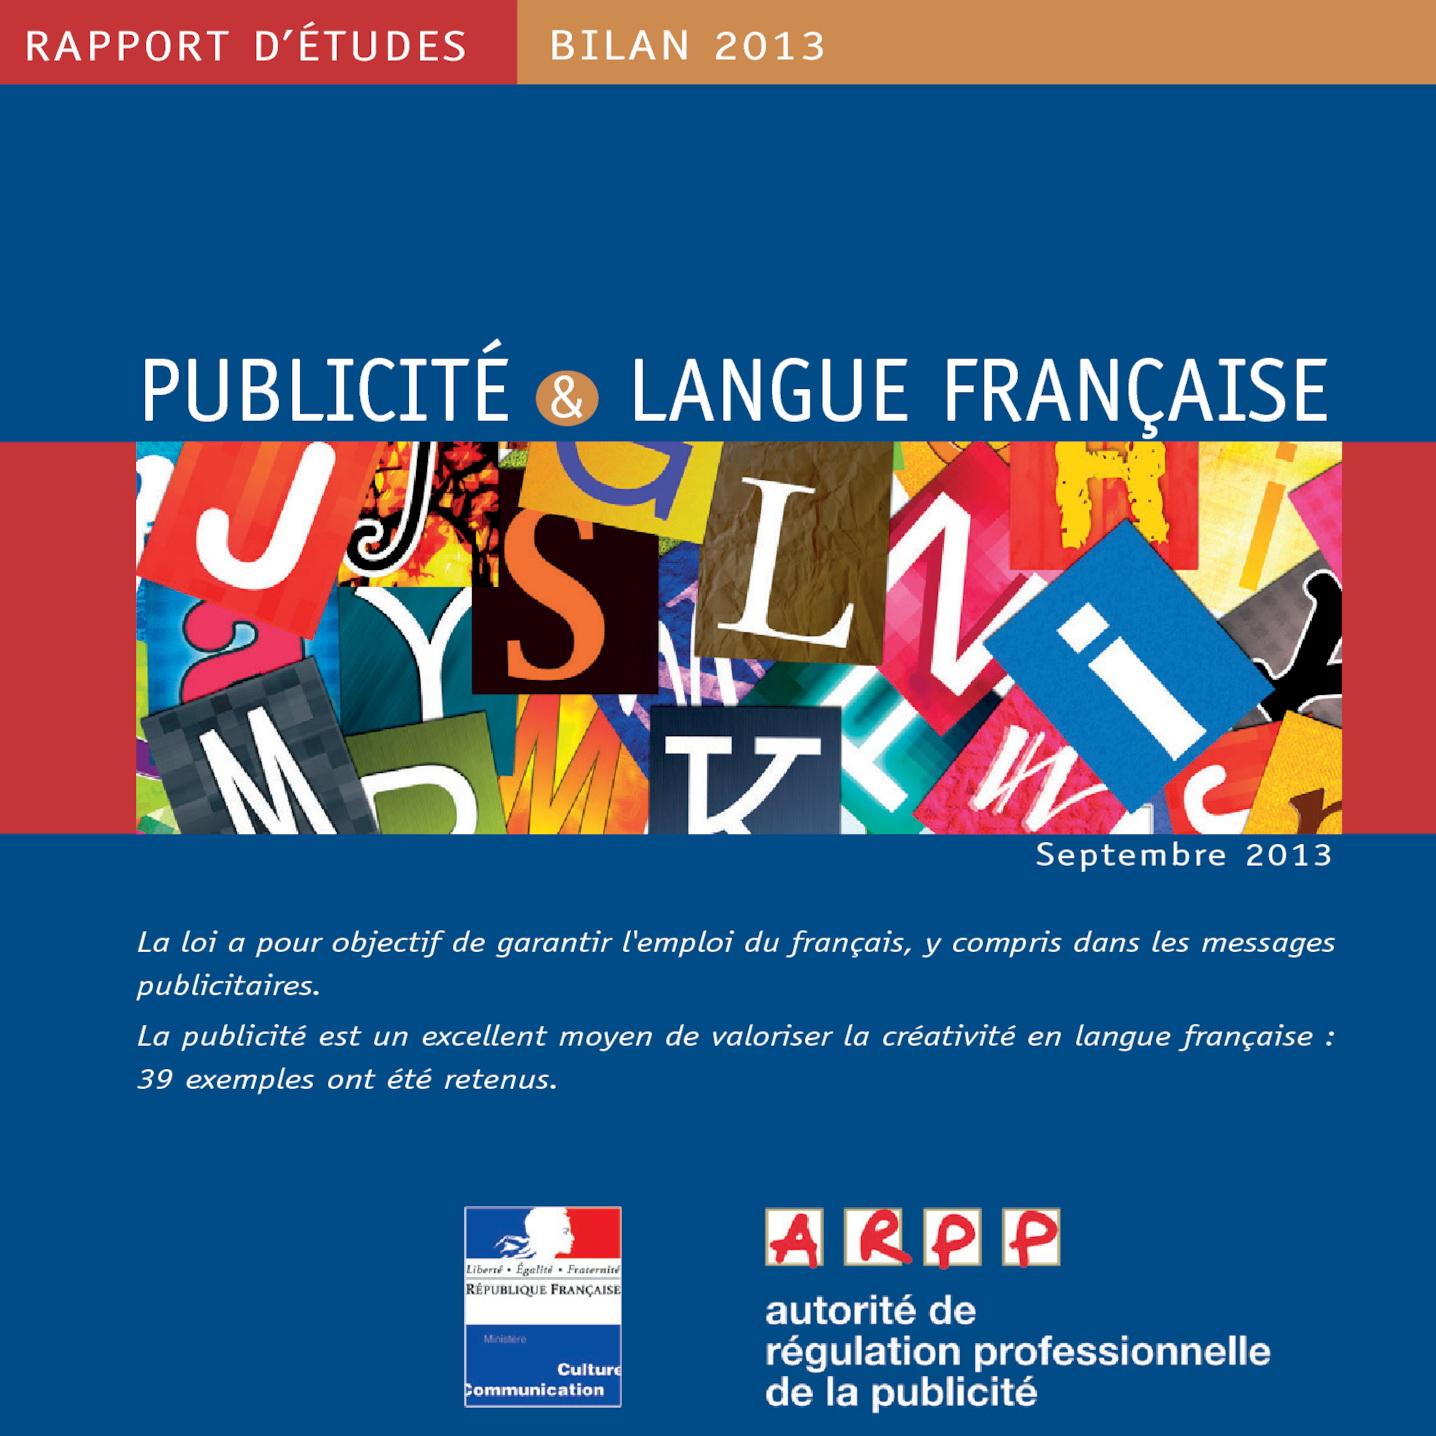 bilan publicit u00e9 et langue fran u00e7aise 2013